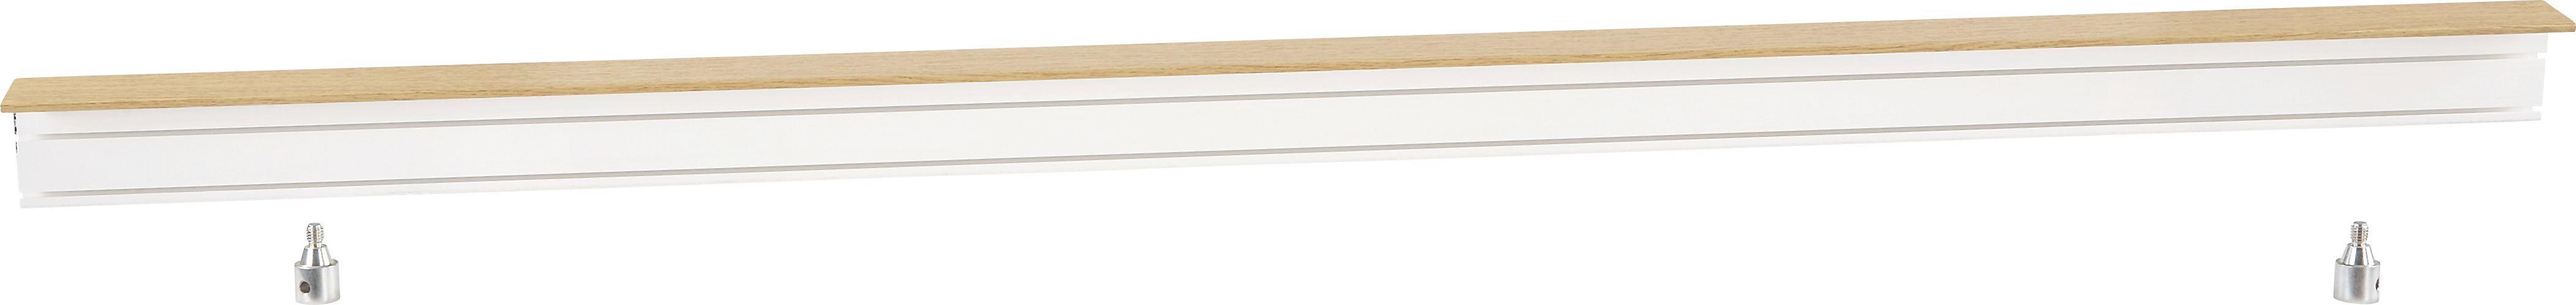 Függönysín Tölgy Színben - tölgy színű/fehér, konvencionális, műanyag (150/5/7.5cm)